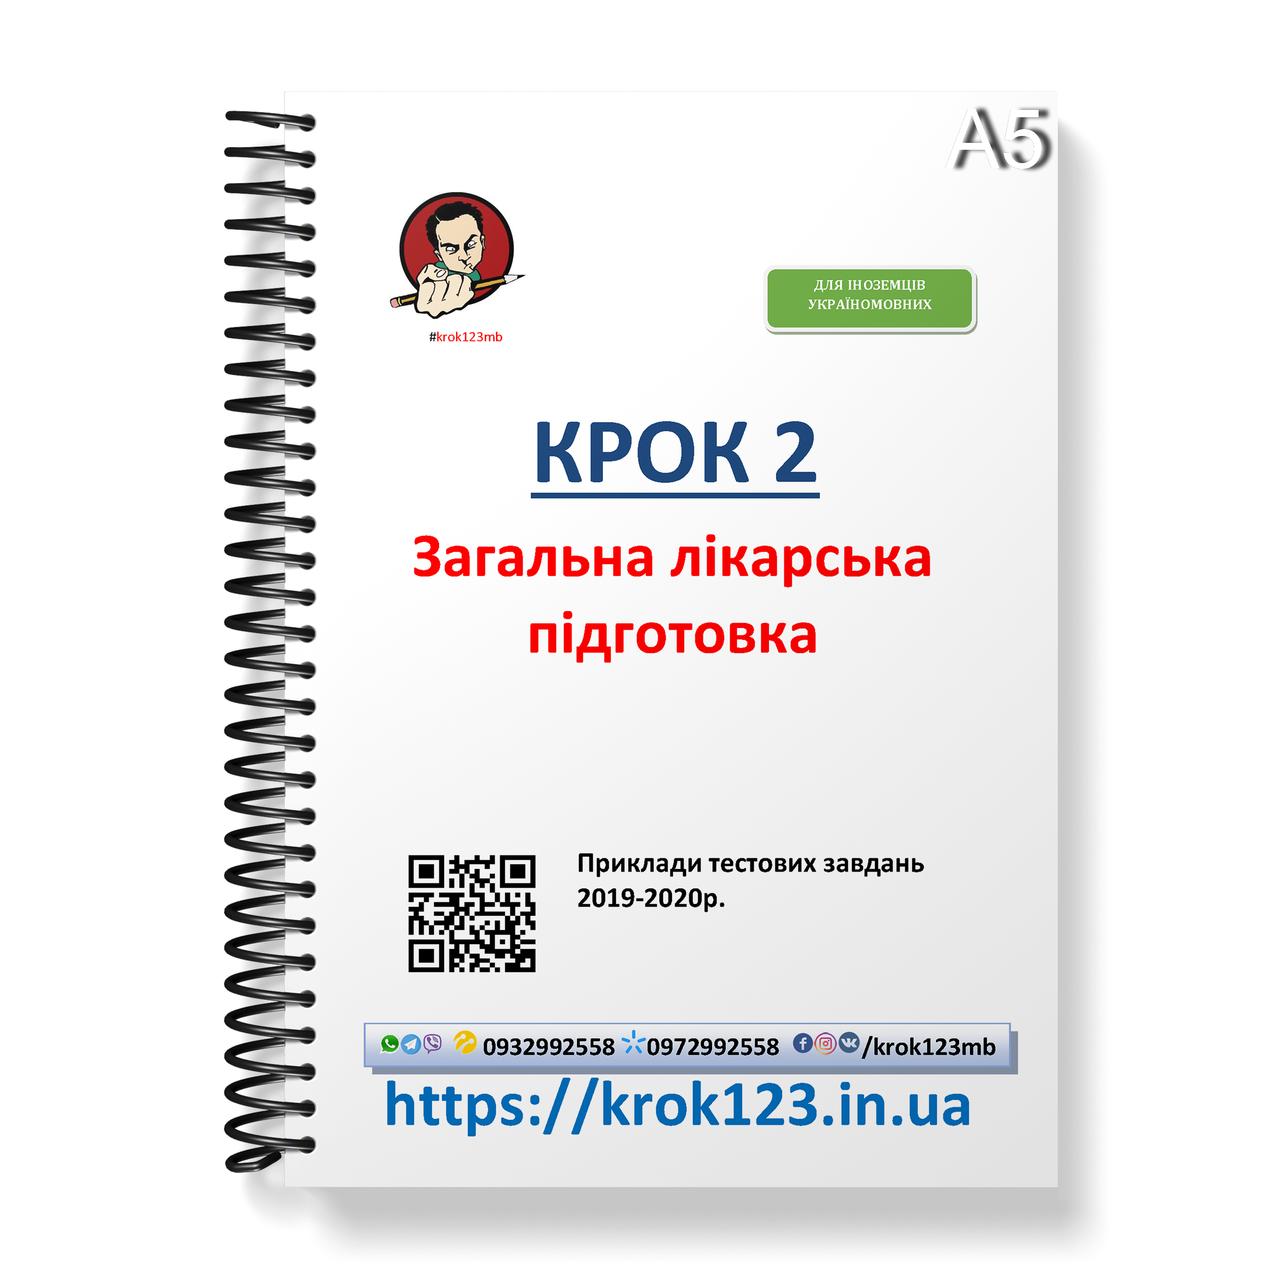 Крок 2. Медицина. ЕГКЭ (Примеры тестовых заданий) 2019-2020. Для иностранцев украиноязычных. Формат А5